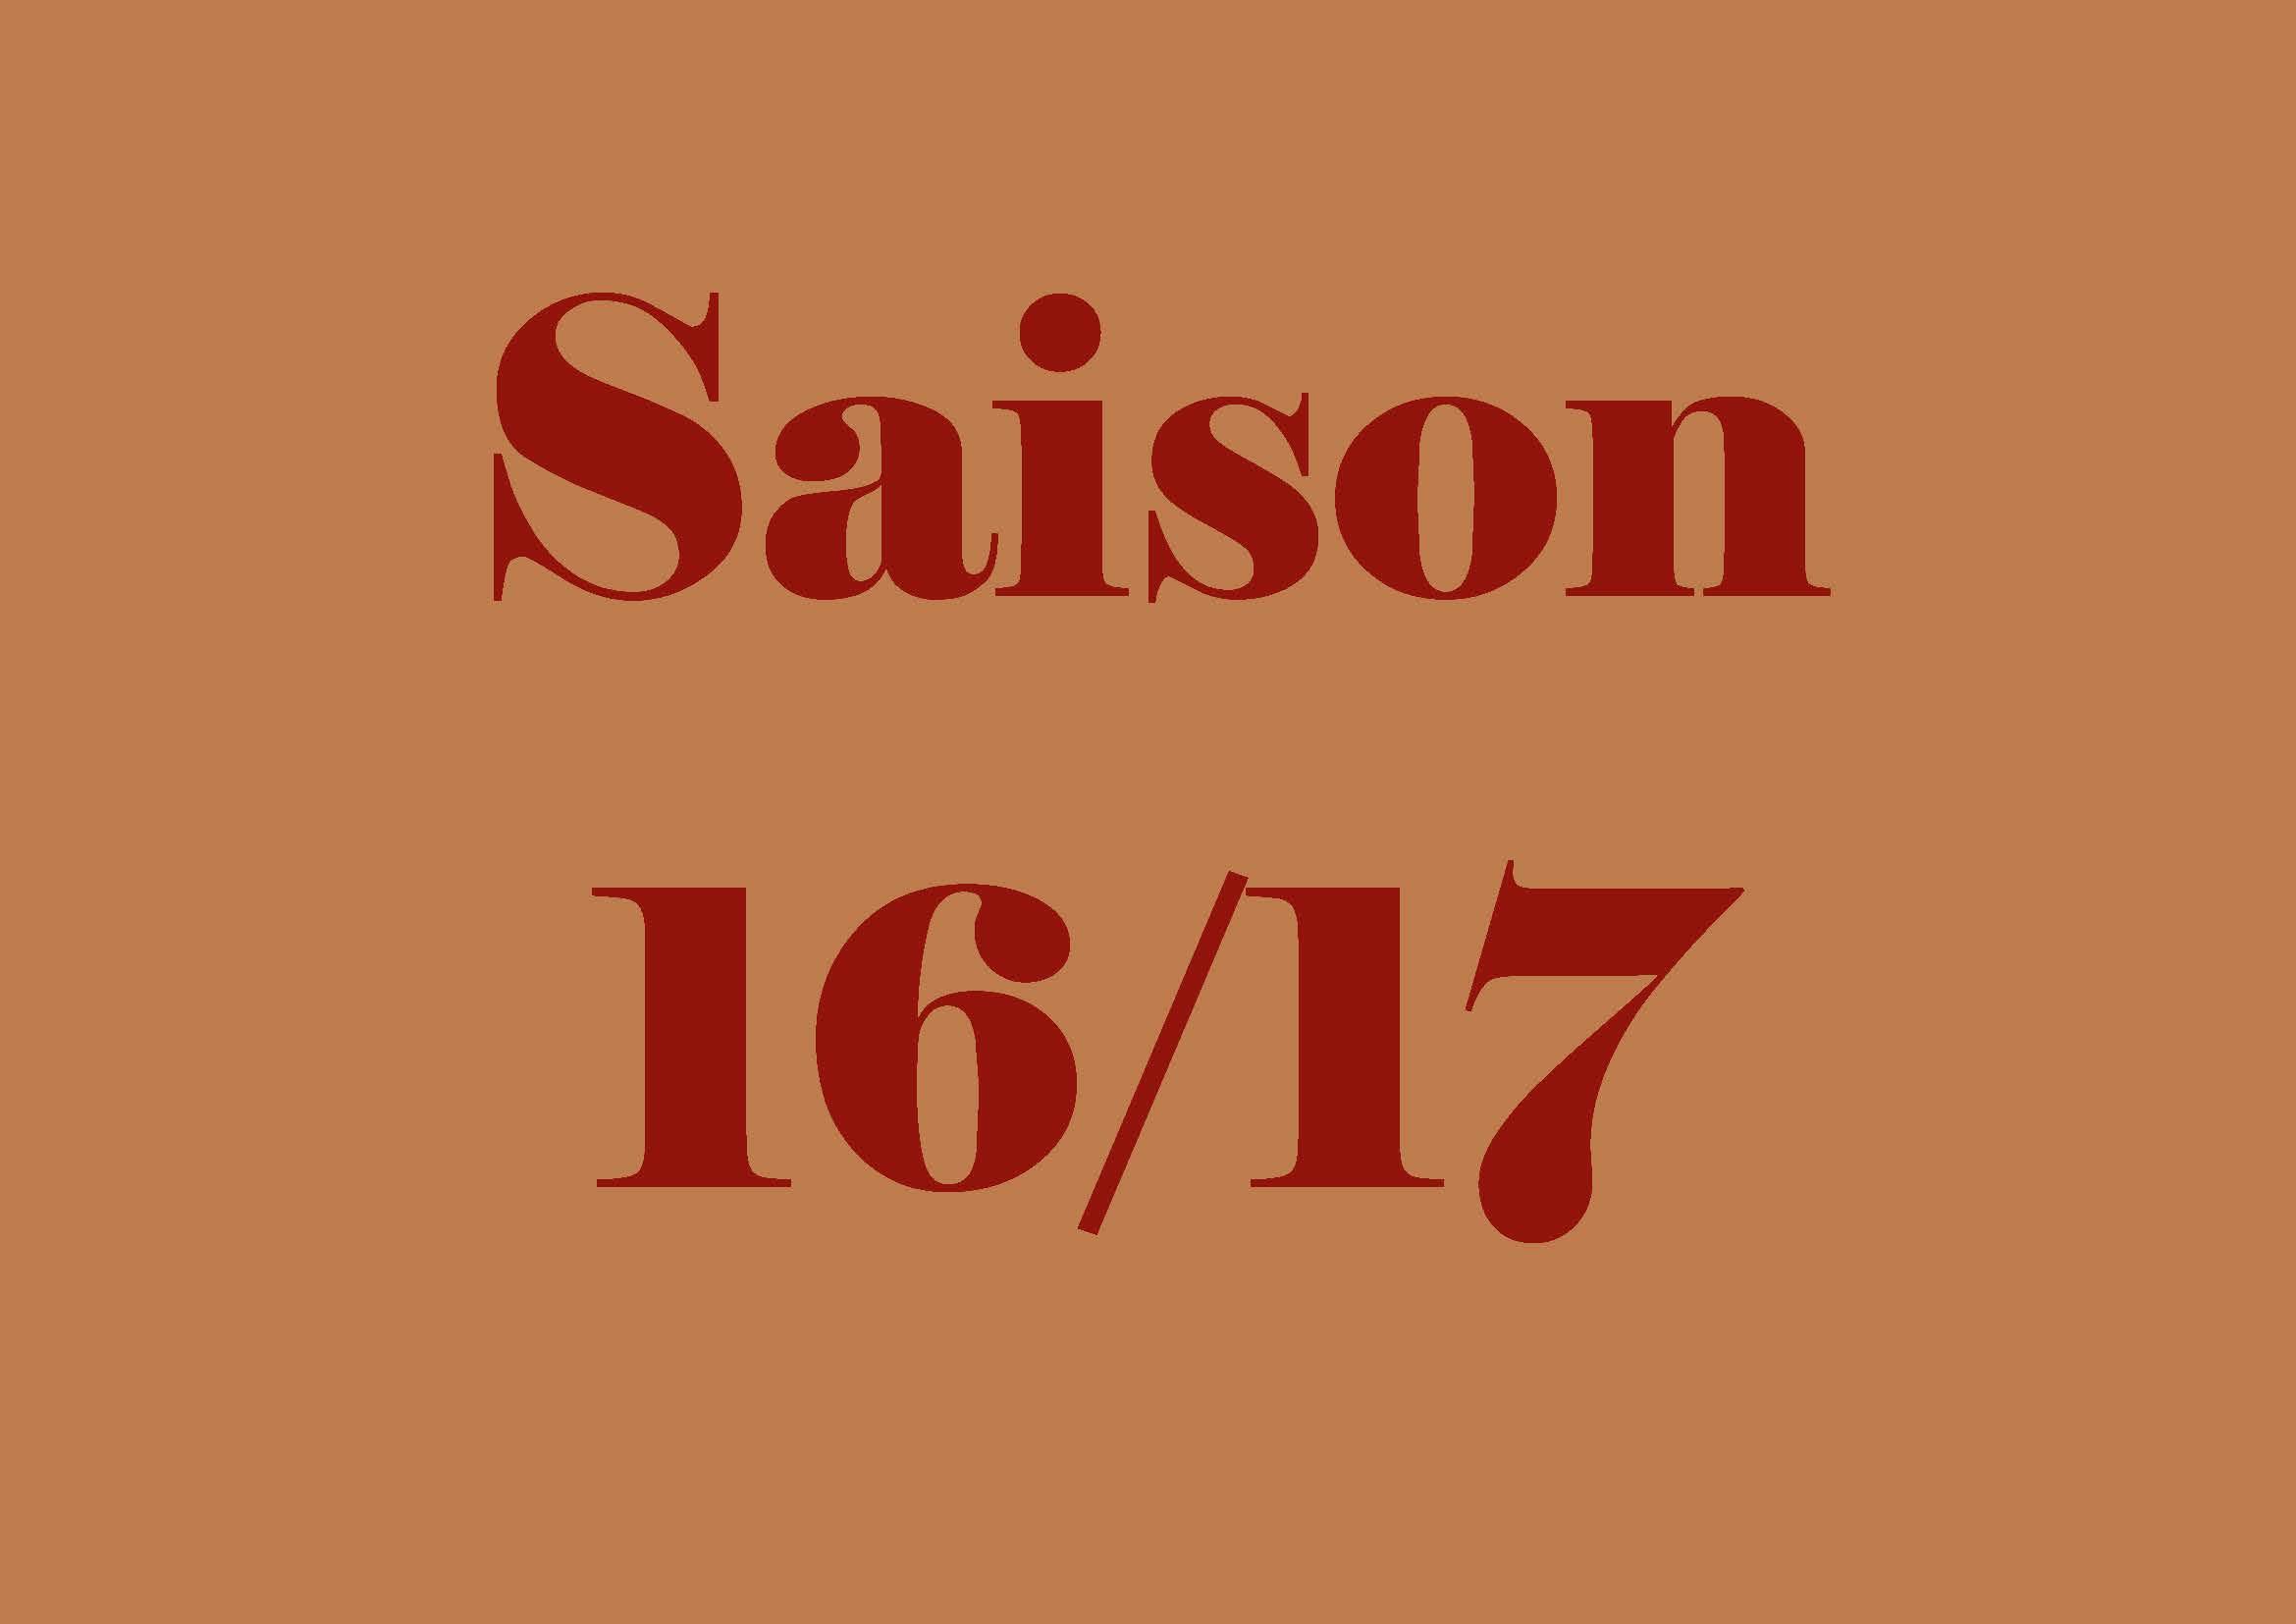 Saison 16 17